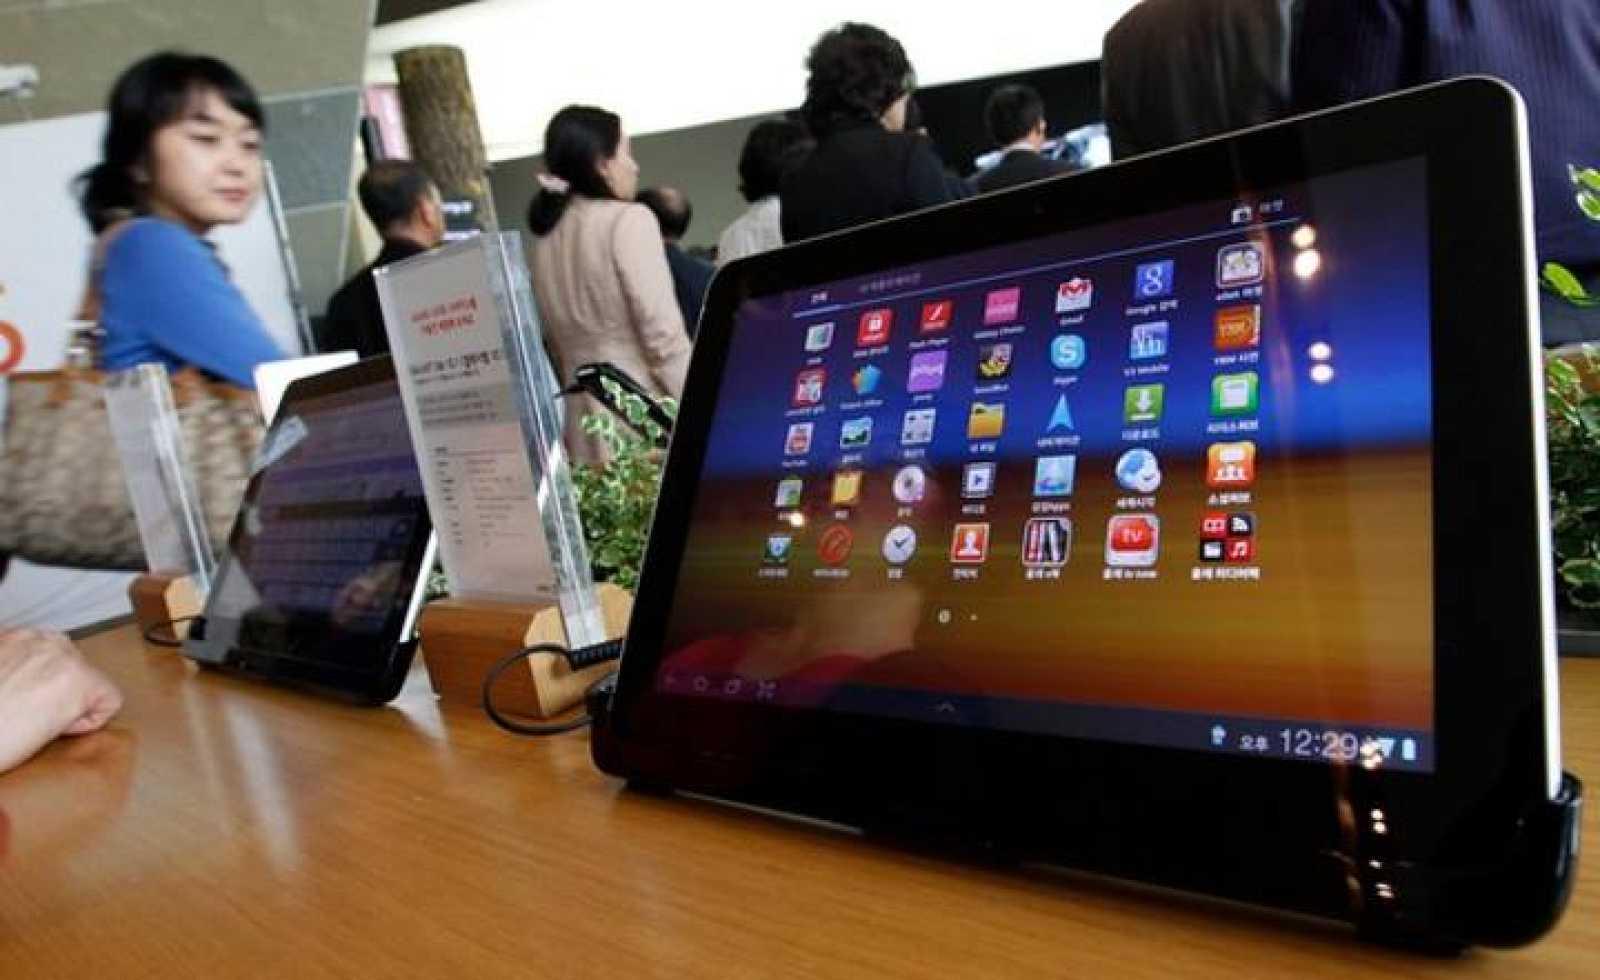 Es la segunda ocasión que Apple logra frenar la distribución del último tablet de Samsung